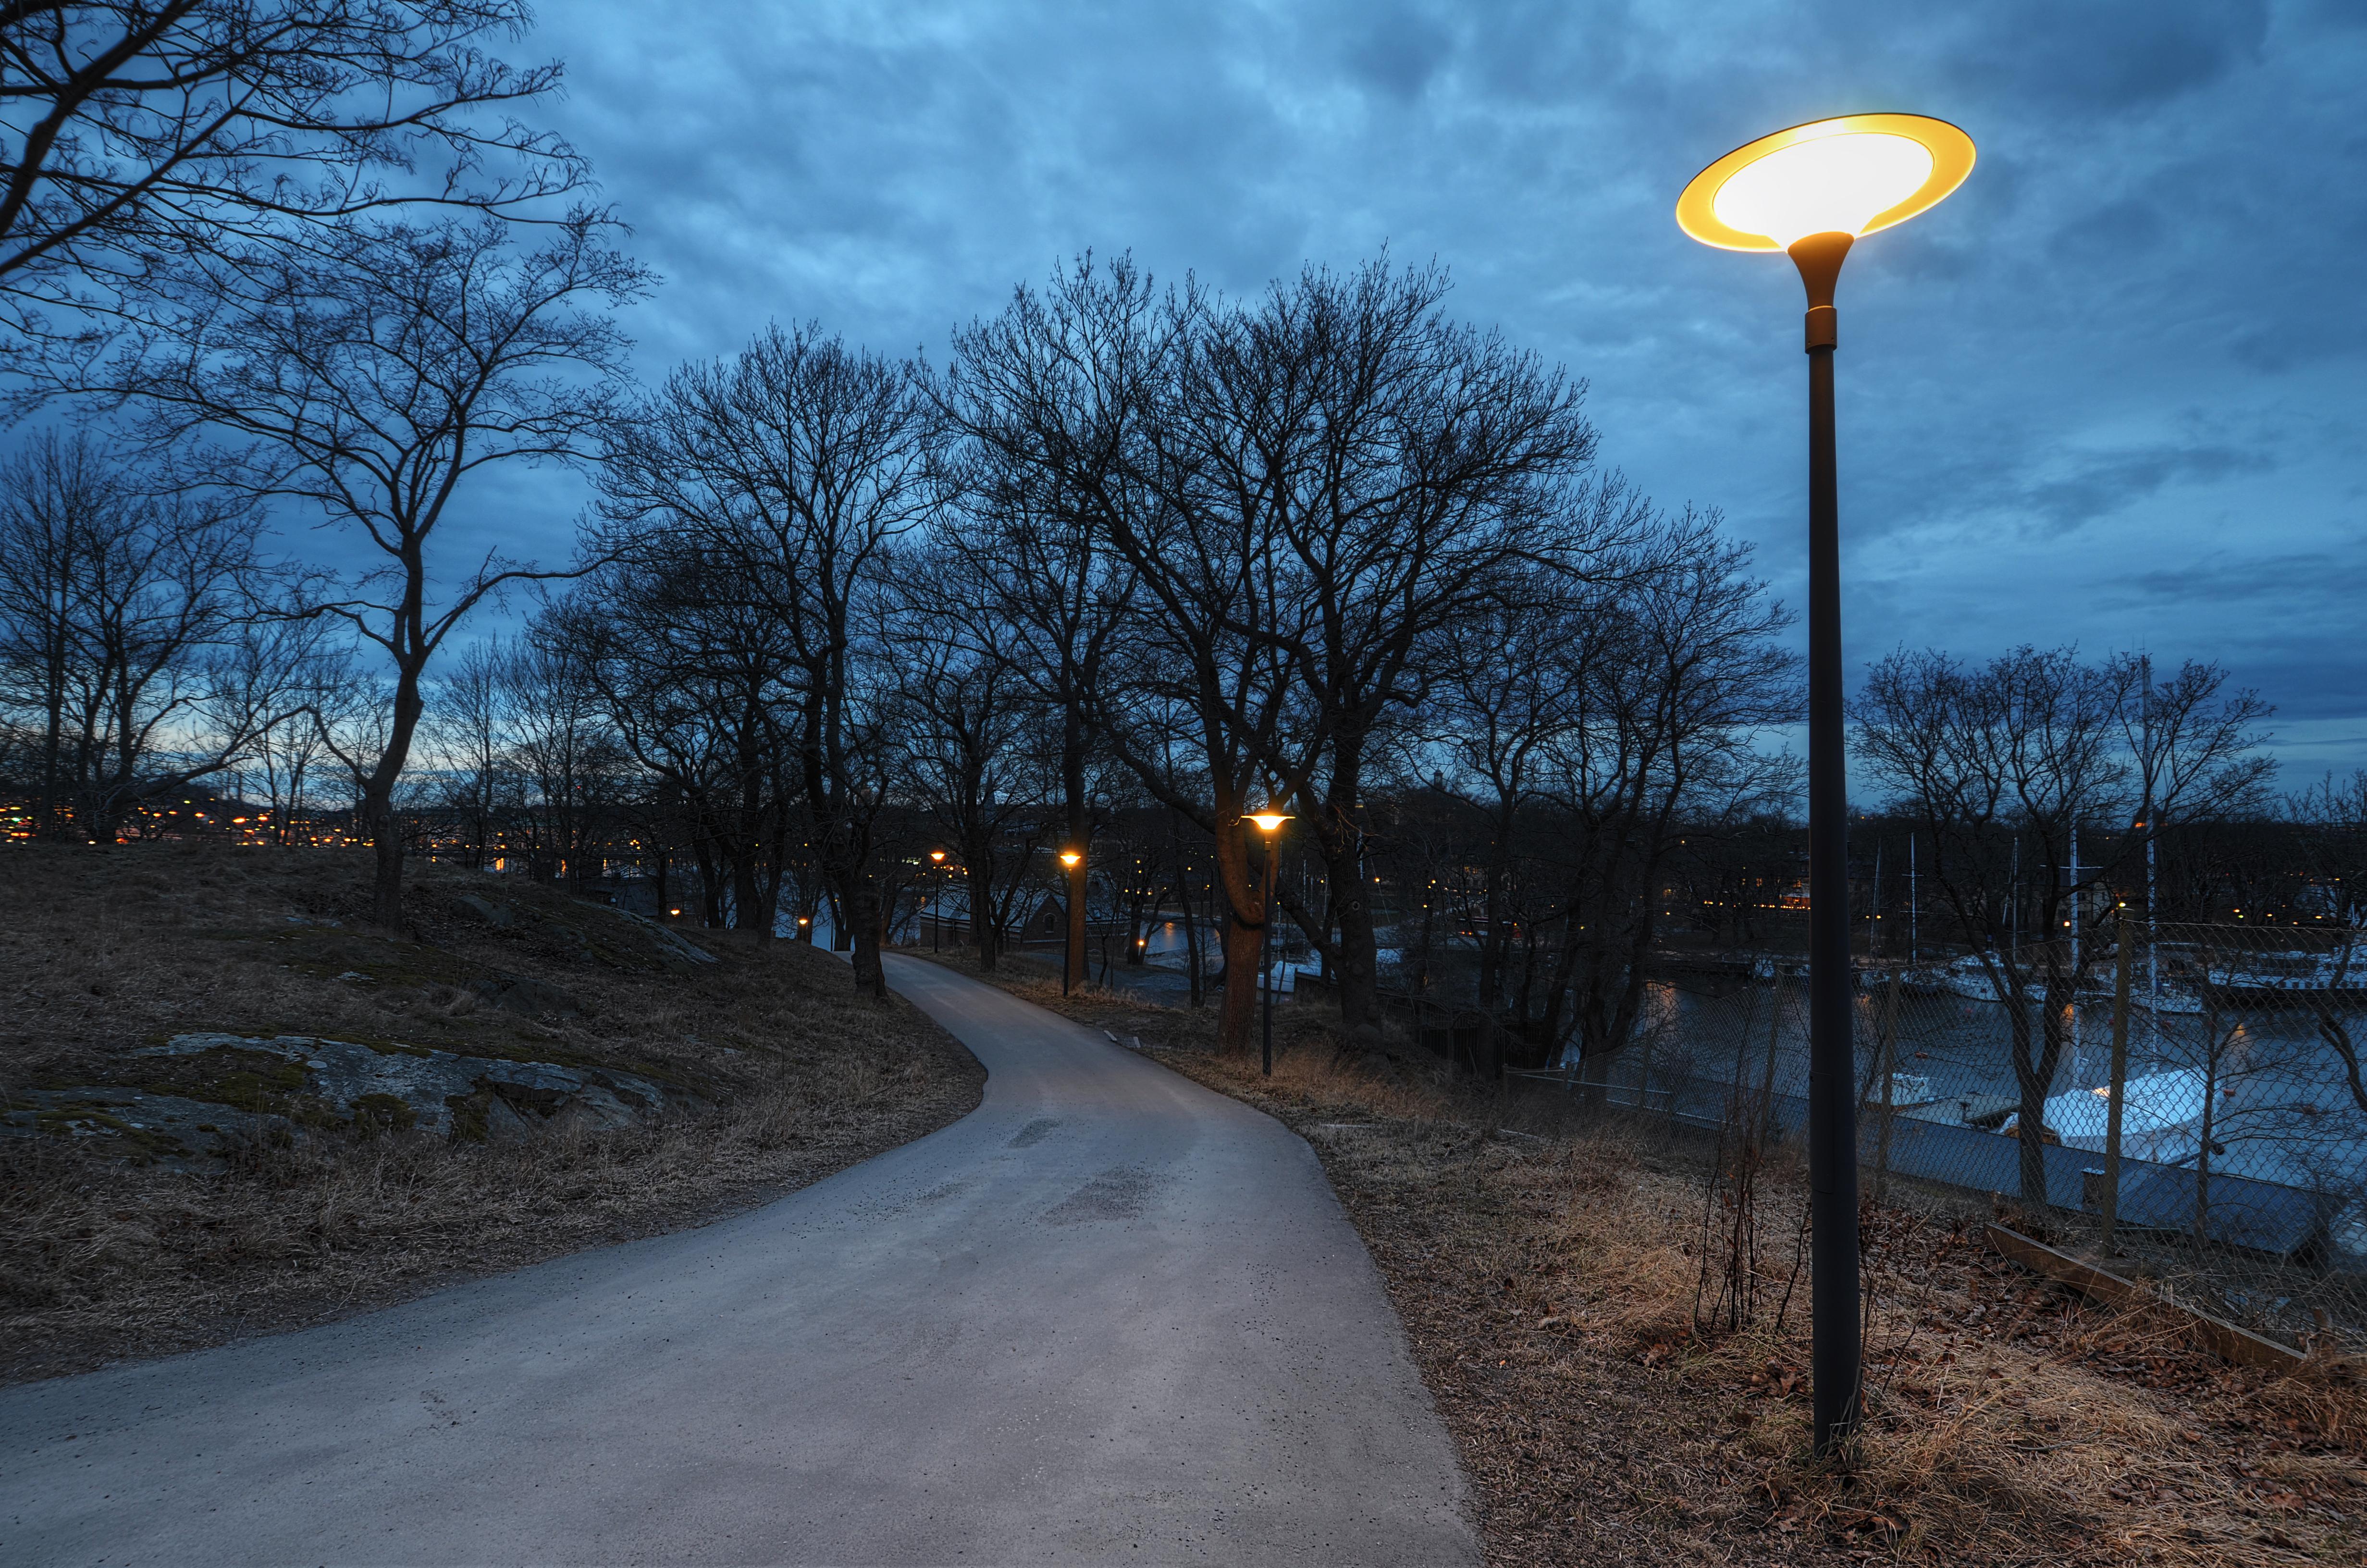 The Citadel Road by HenrikSundholm